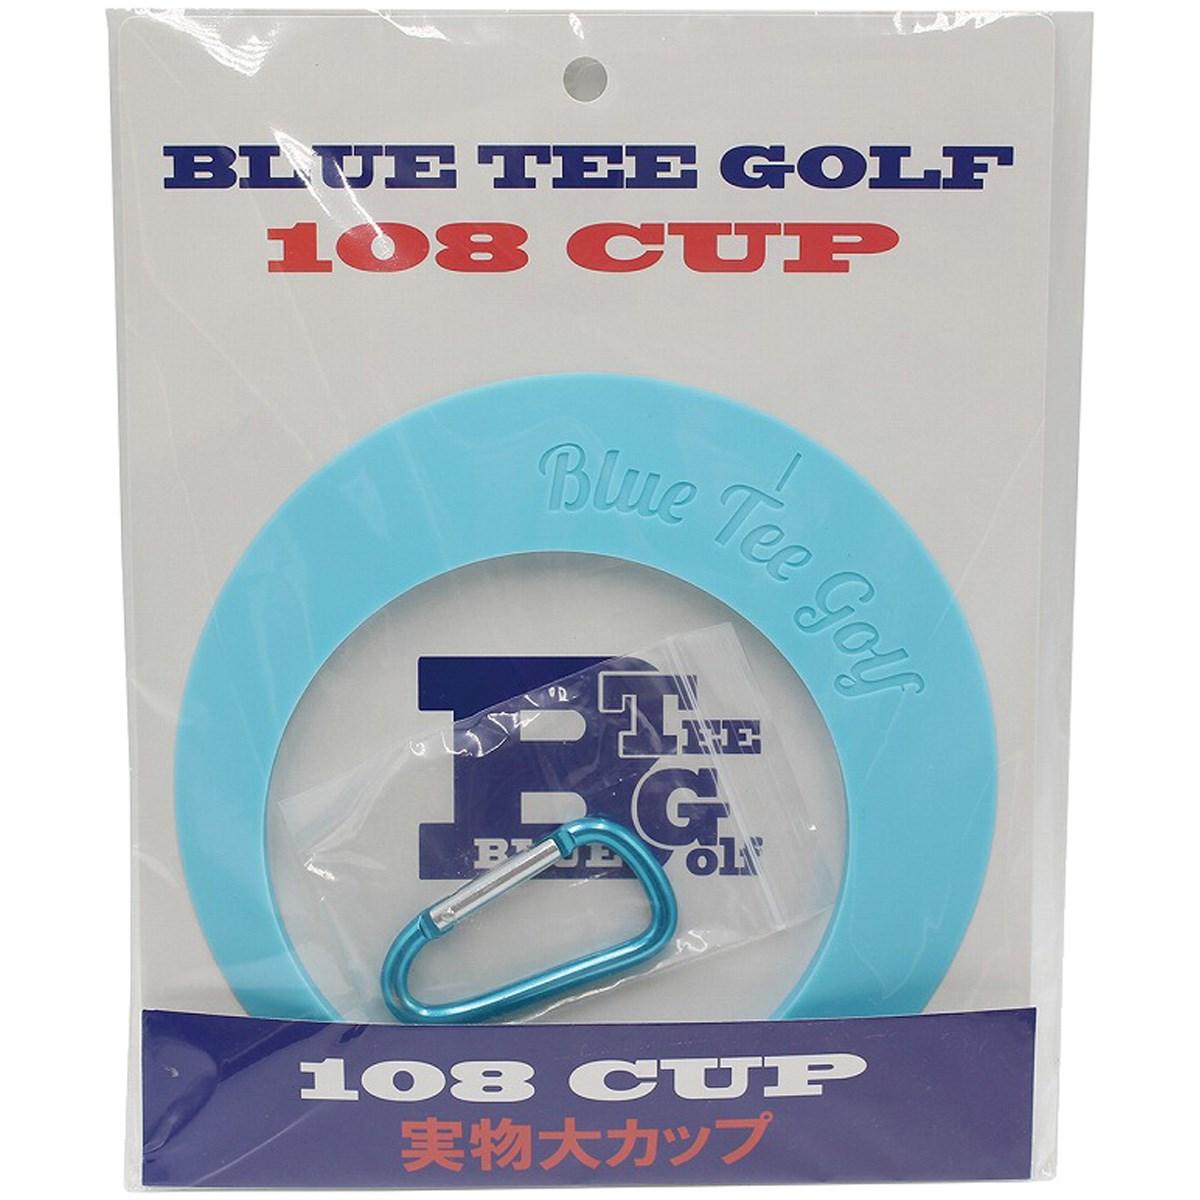 ゴルフ トレーニング用具 GDO 送料無料 激安 お買い得 キ゛フト GOLF ブルーティーゴルフ 108 TEE BLUE 新品■送料無料■ カップ